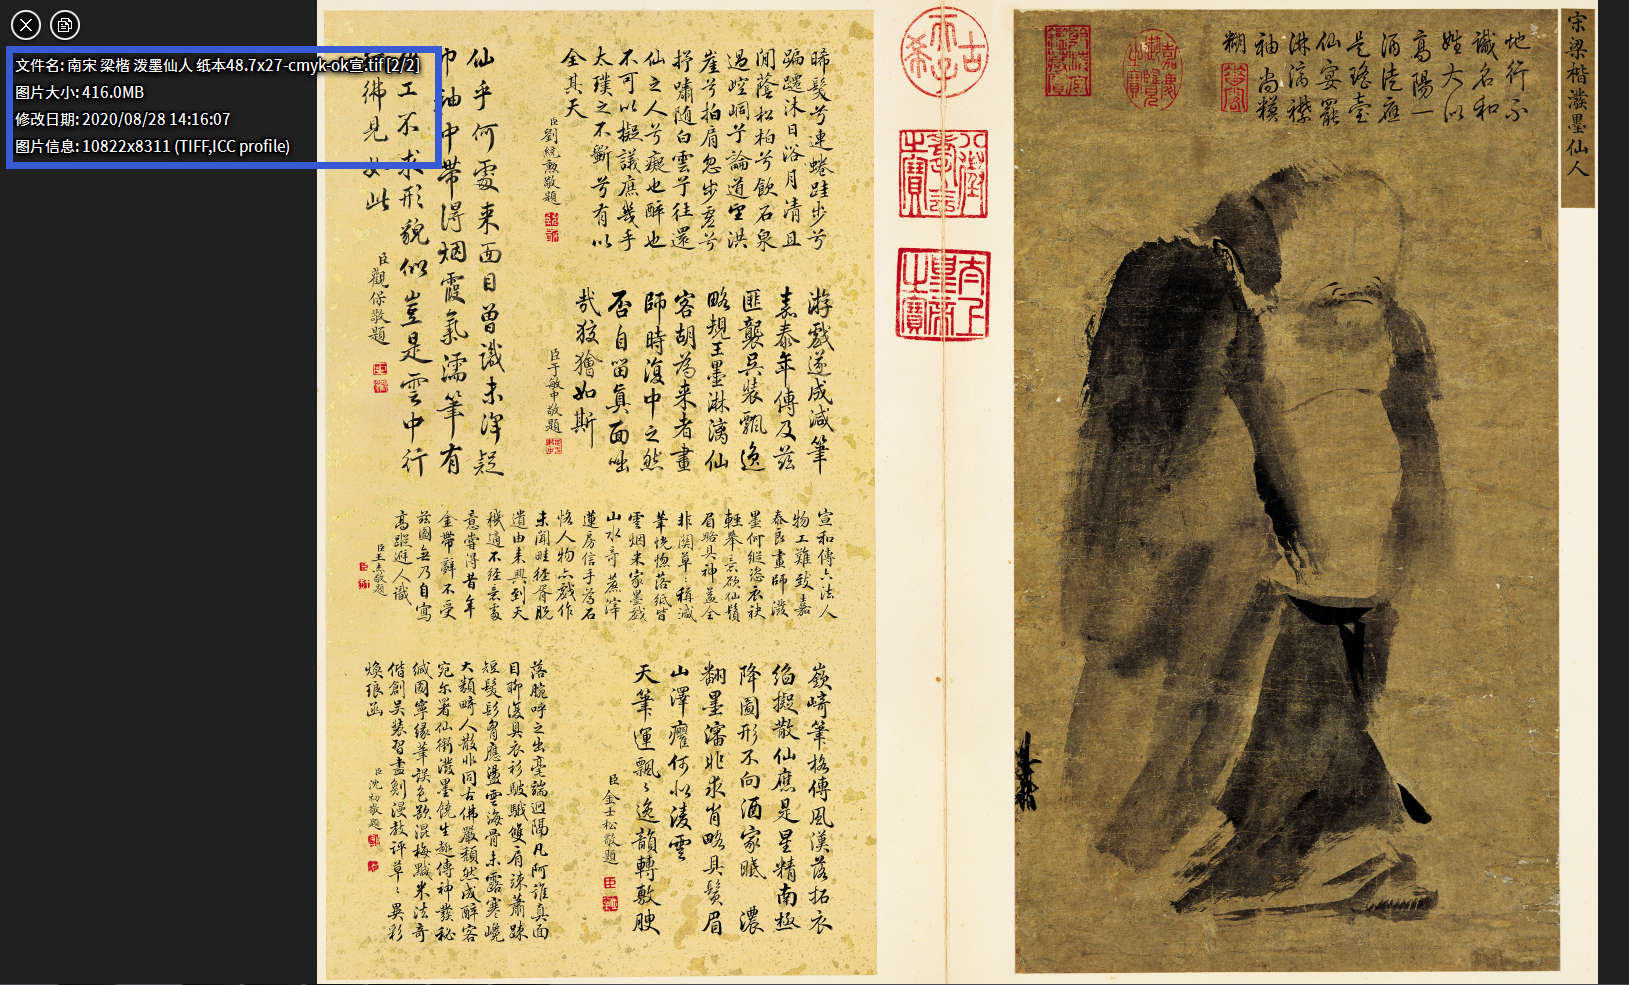 【珍藏】各大博物馆馆藏国画+字画 超高清图片